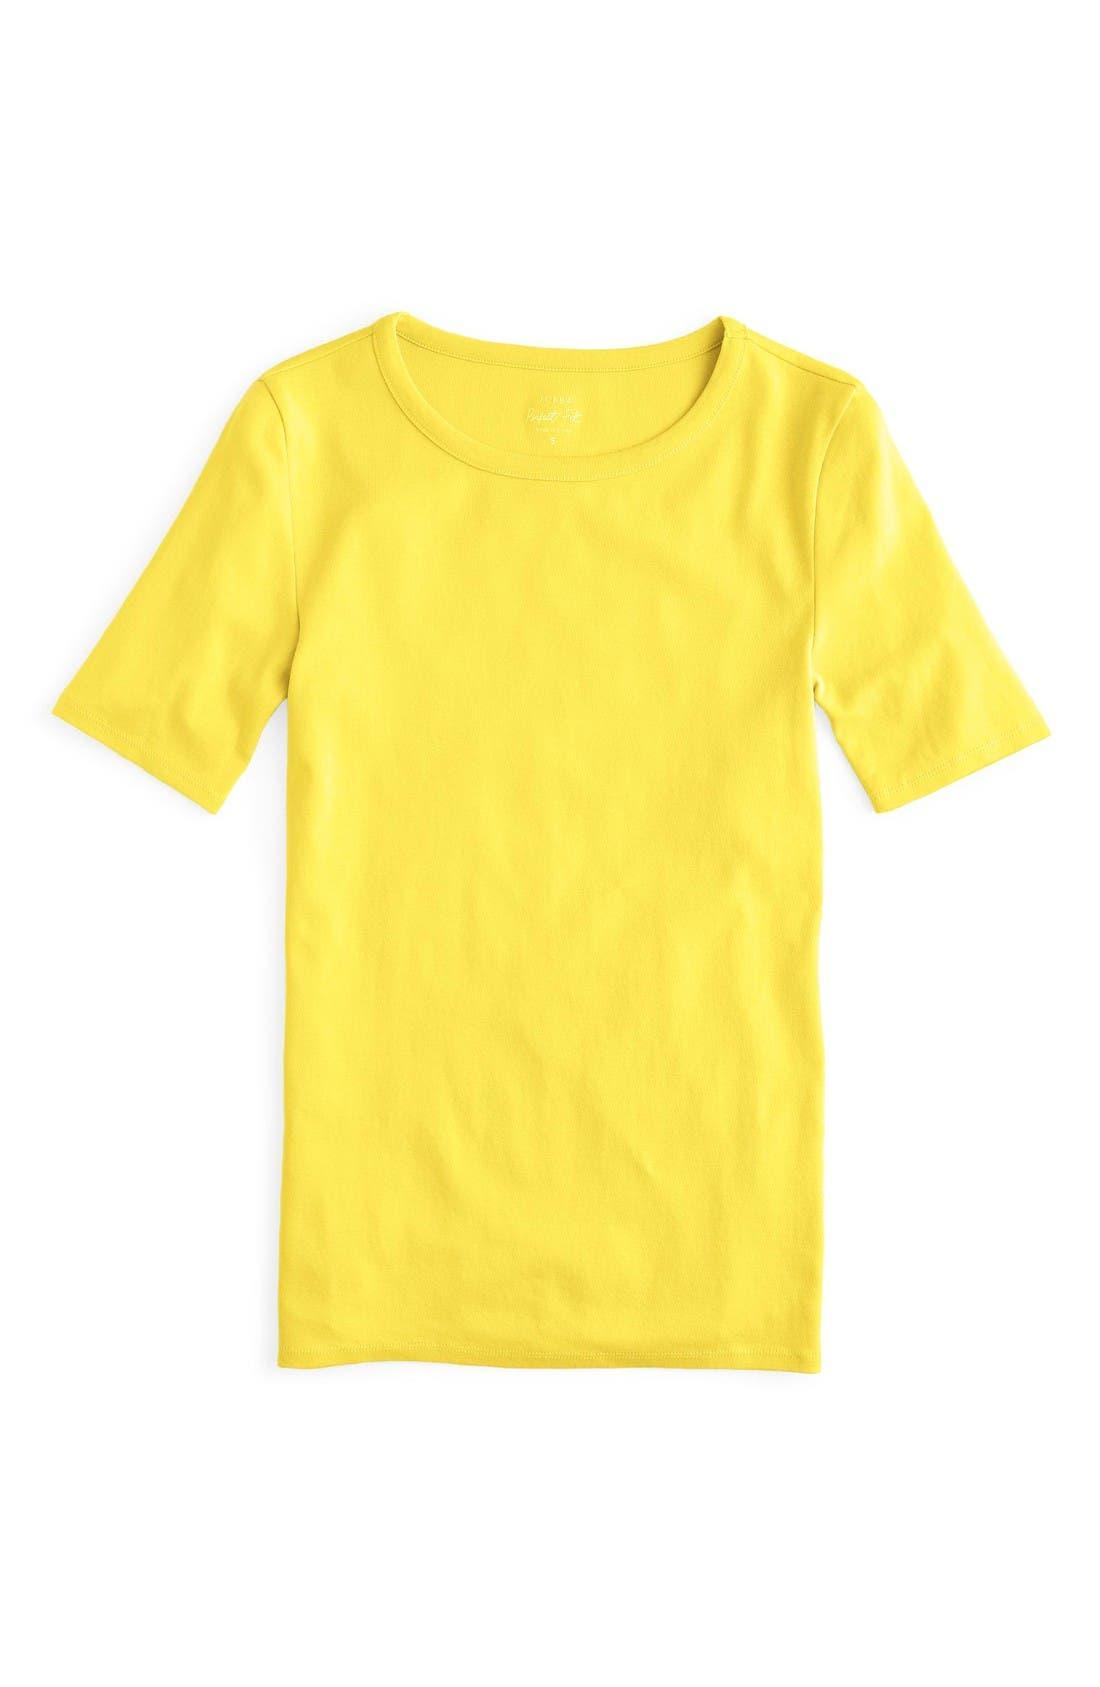 J.Crew New Perfect Fit T-Shirt,                         Main,                         color, Bright Citrus